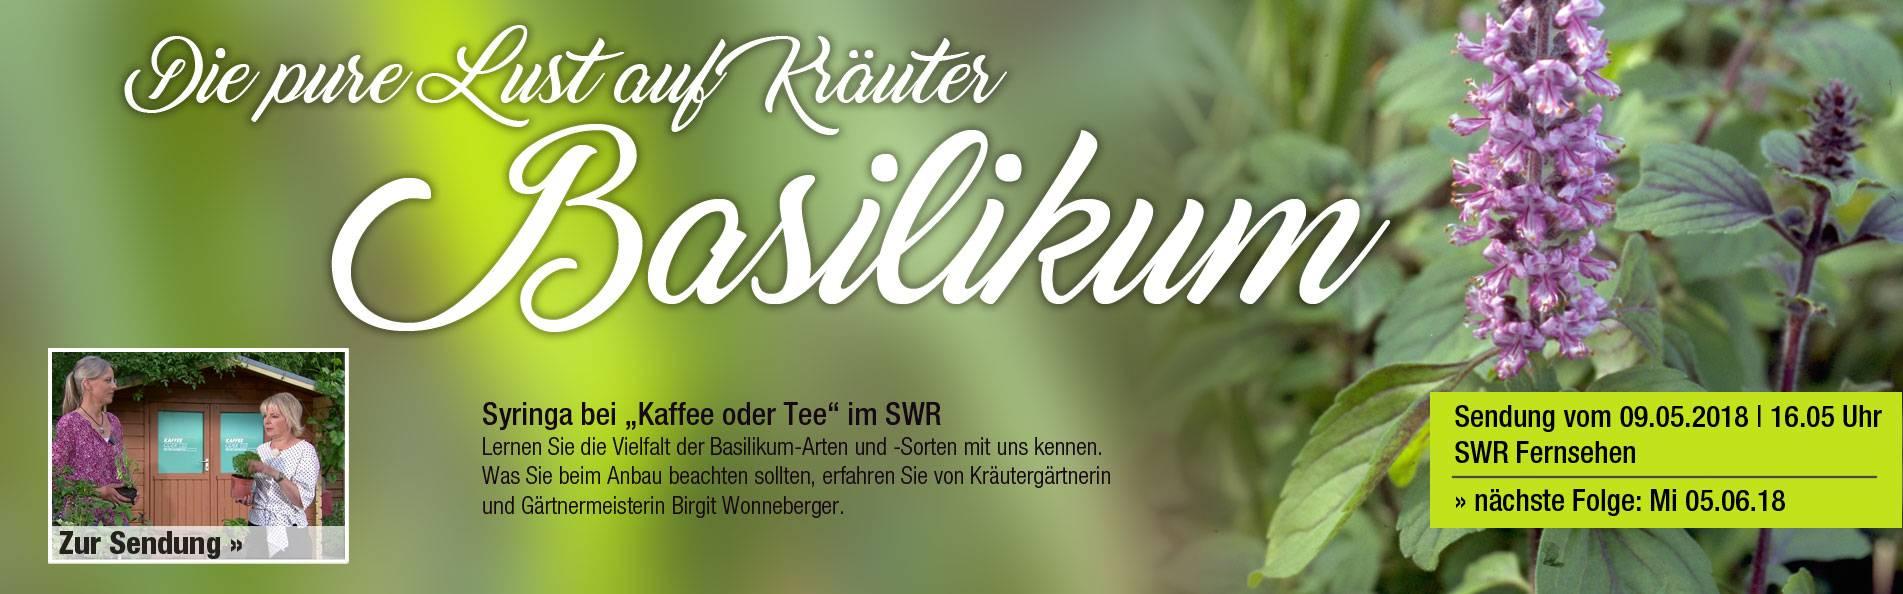 SWR_basilikum_1